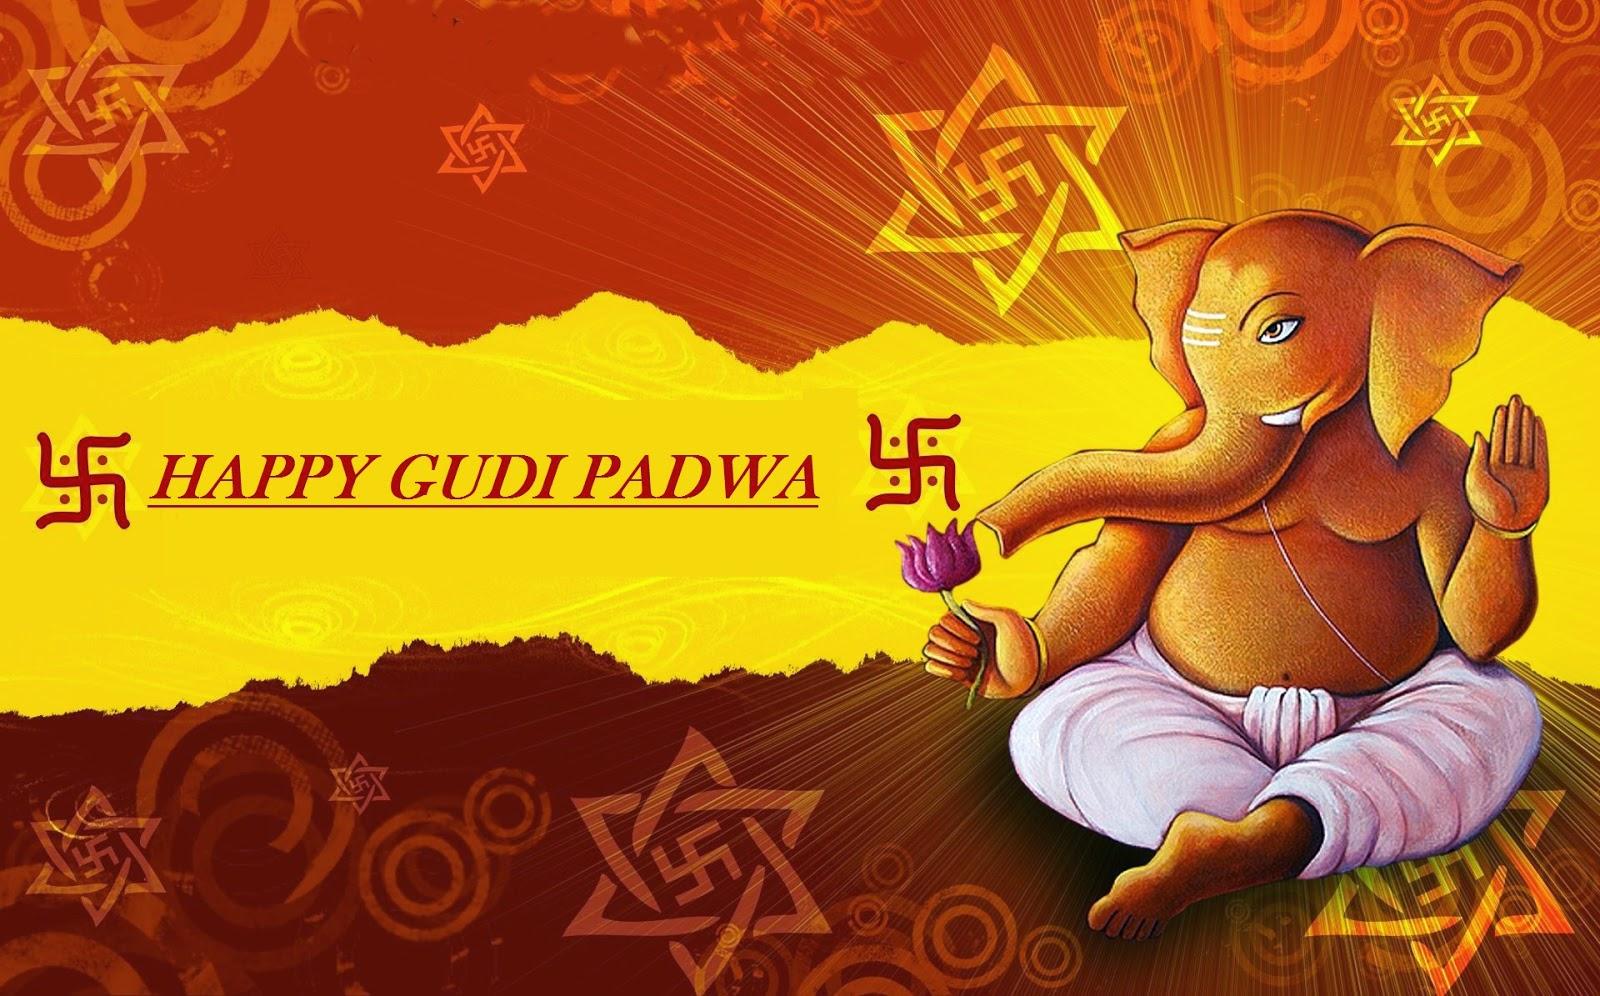 Gudi Padwa Images HD